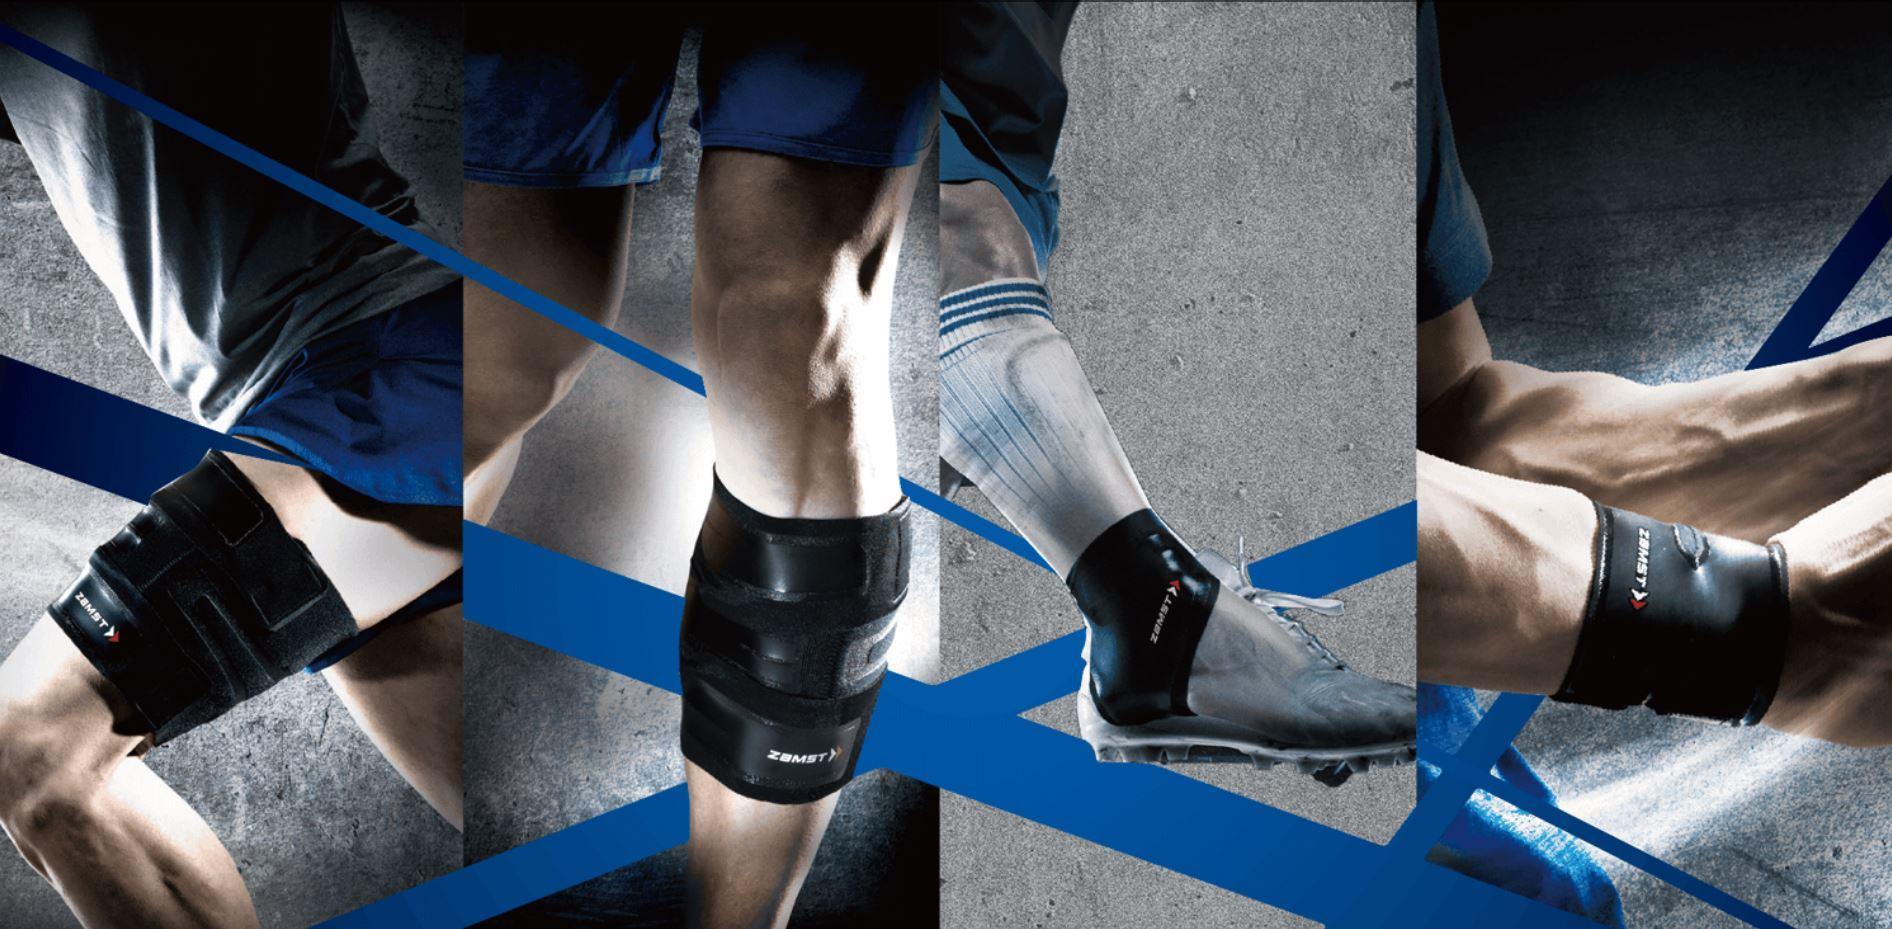 Firma ZAMST to lider w projektowaniu i produkowaniu najlepszych na świecie ortez i sprzętu ochronnego dla sportowców